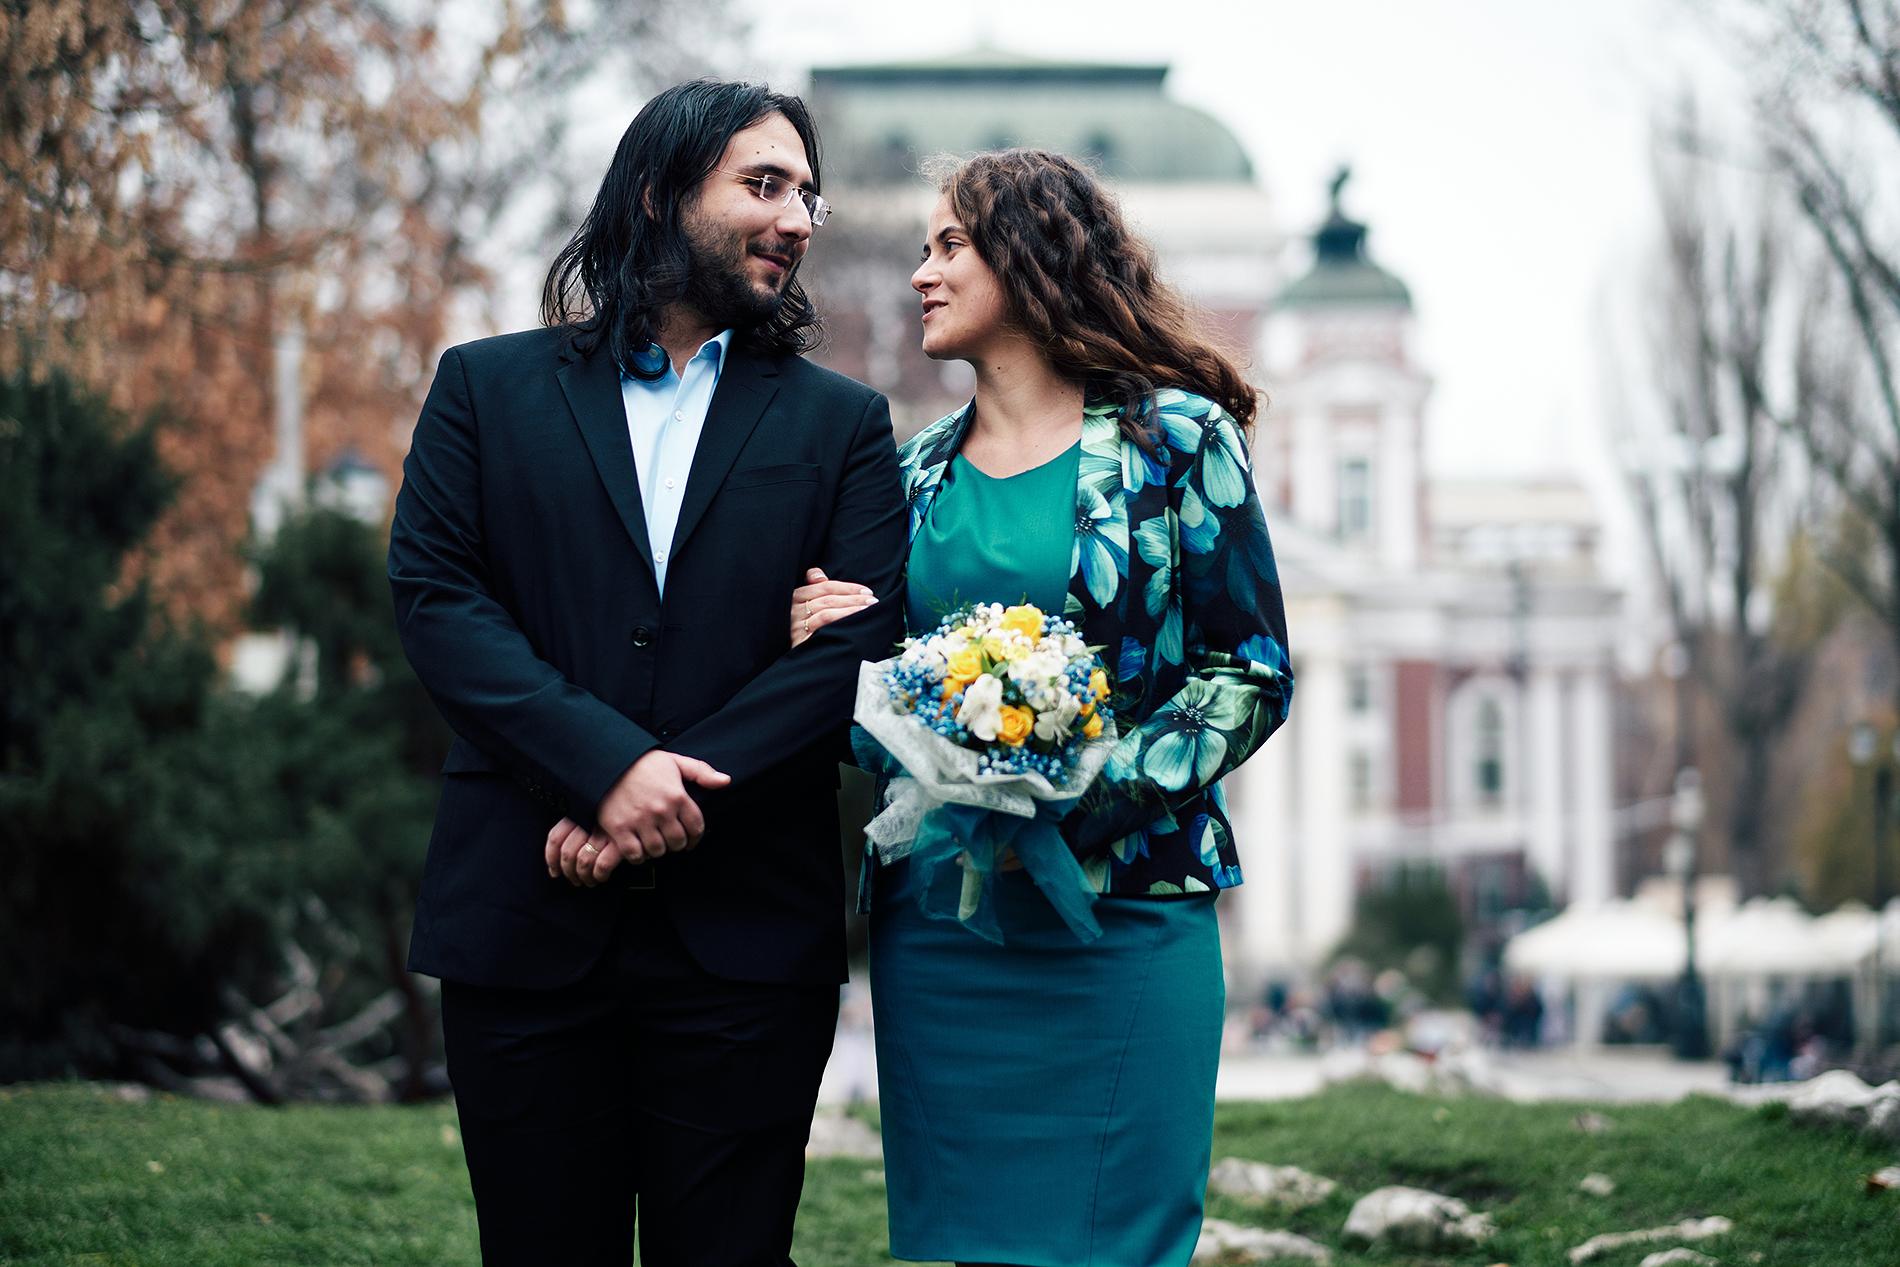 Photo in Wedding | Author Борислав_Ковачев | PHOTO FORUM